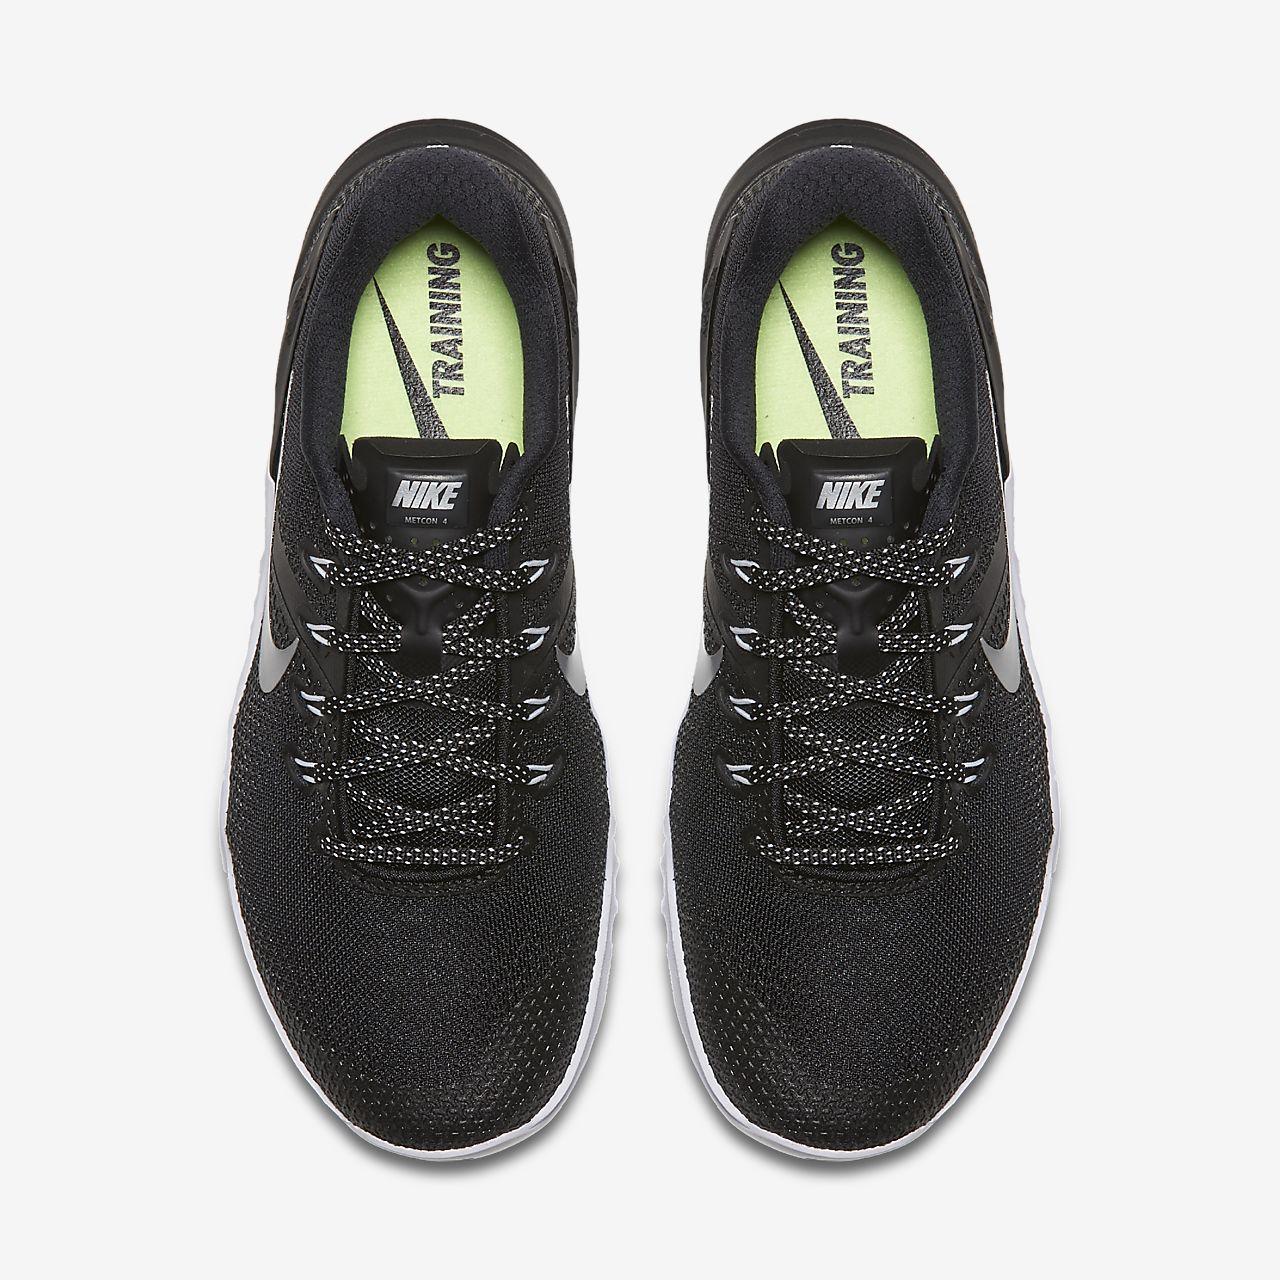 1f5ccb17a77c4 ... Nike Metcon 4 Zapatillas de cross-training y levantamiento de pesas -  Mujer